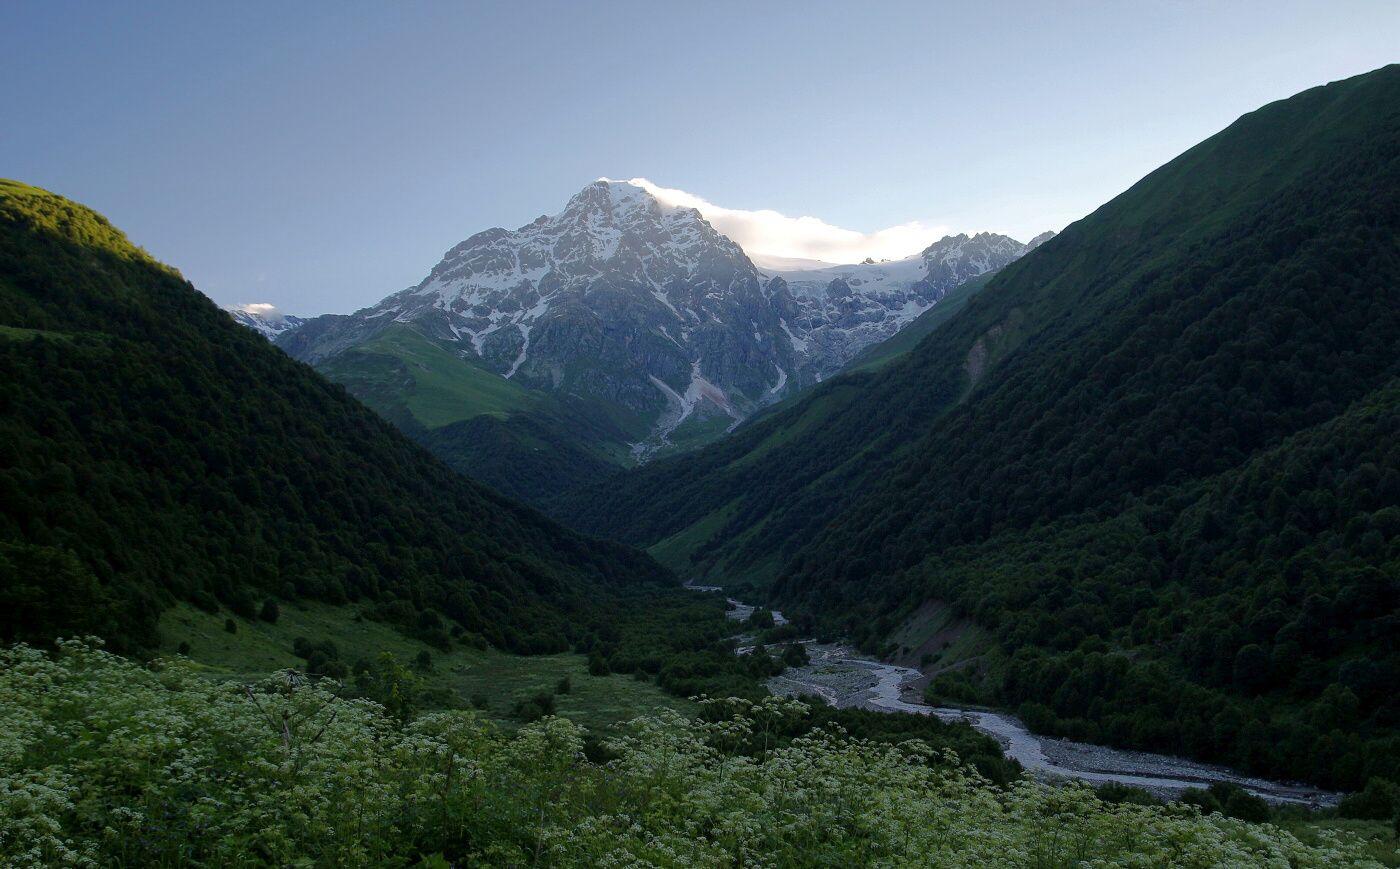 Dolina_rzeki_Tskhenistskali